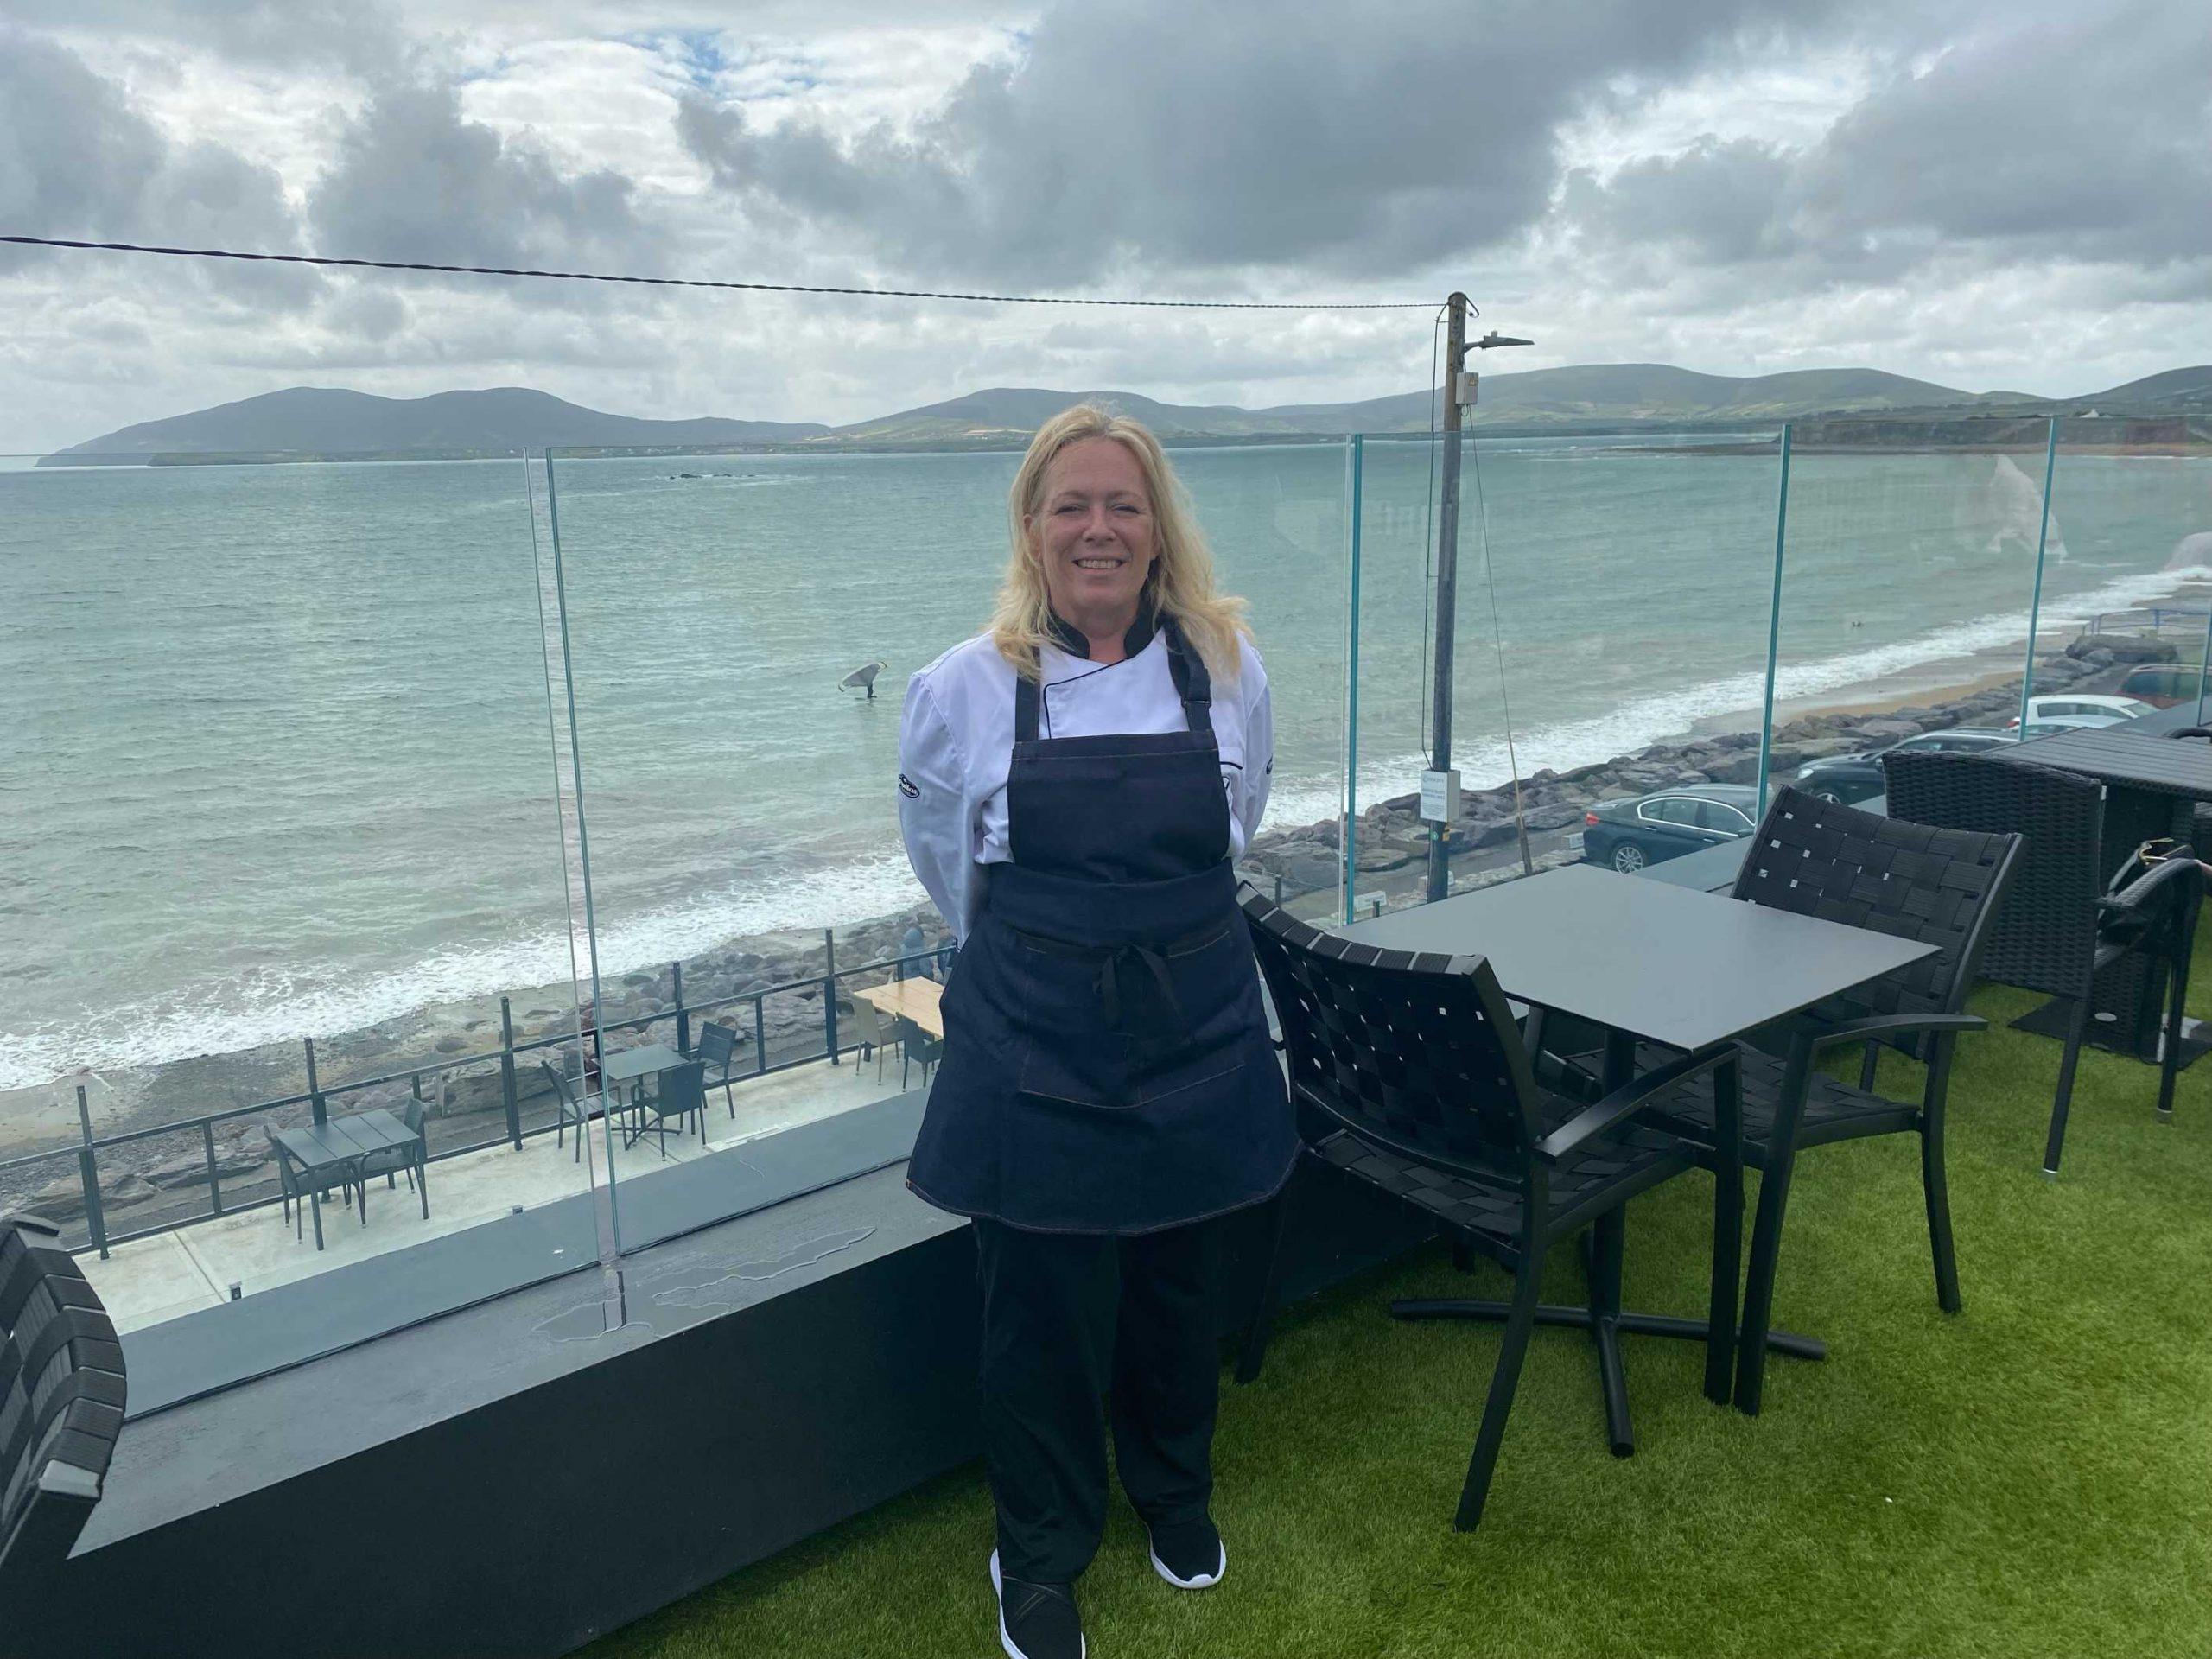 WOMEN OF THE IRISH FOOD INDUSTRY – KATIE O'CARROLL, HEAD CHEF